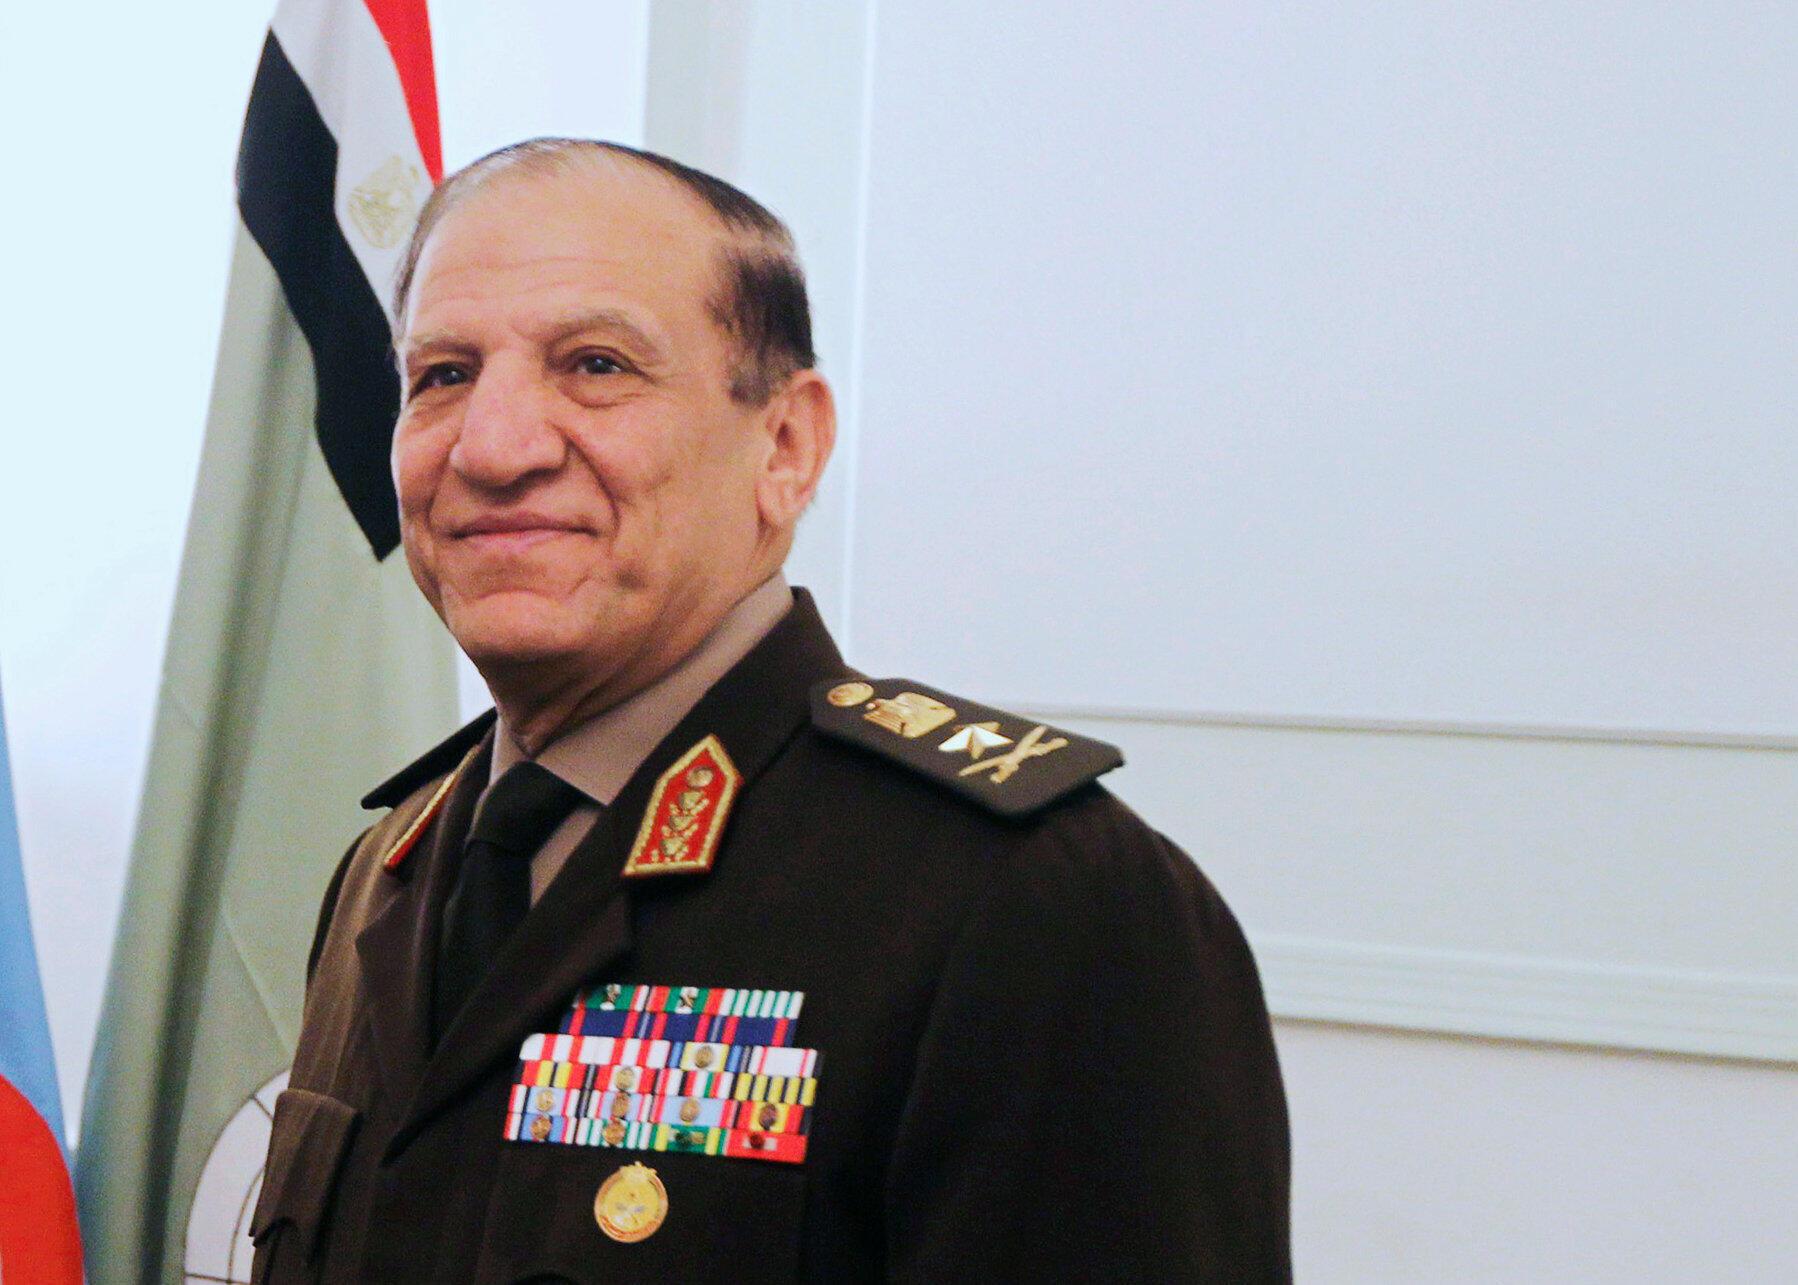 L'ex-chef d'état-major de l'armée Sami Anan, risque d'en être écarté de la présidentielle du 26 mars prochain.